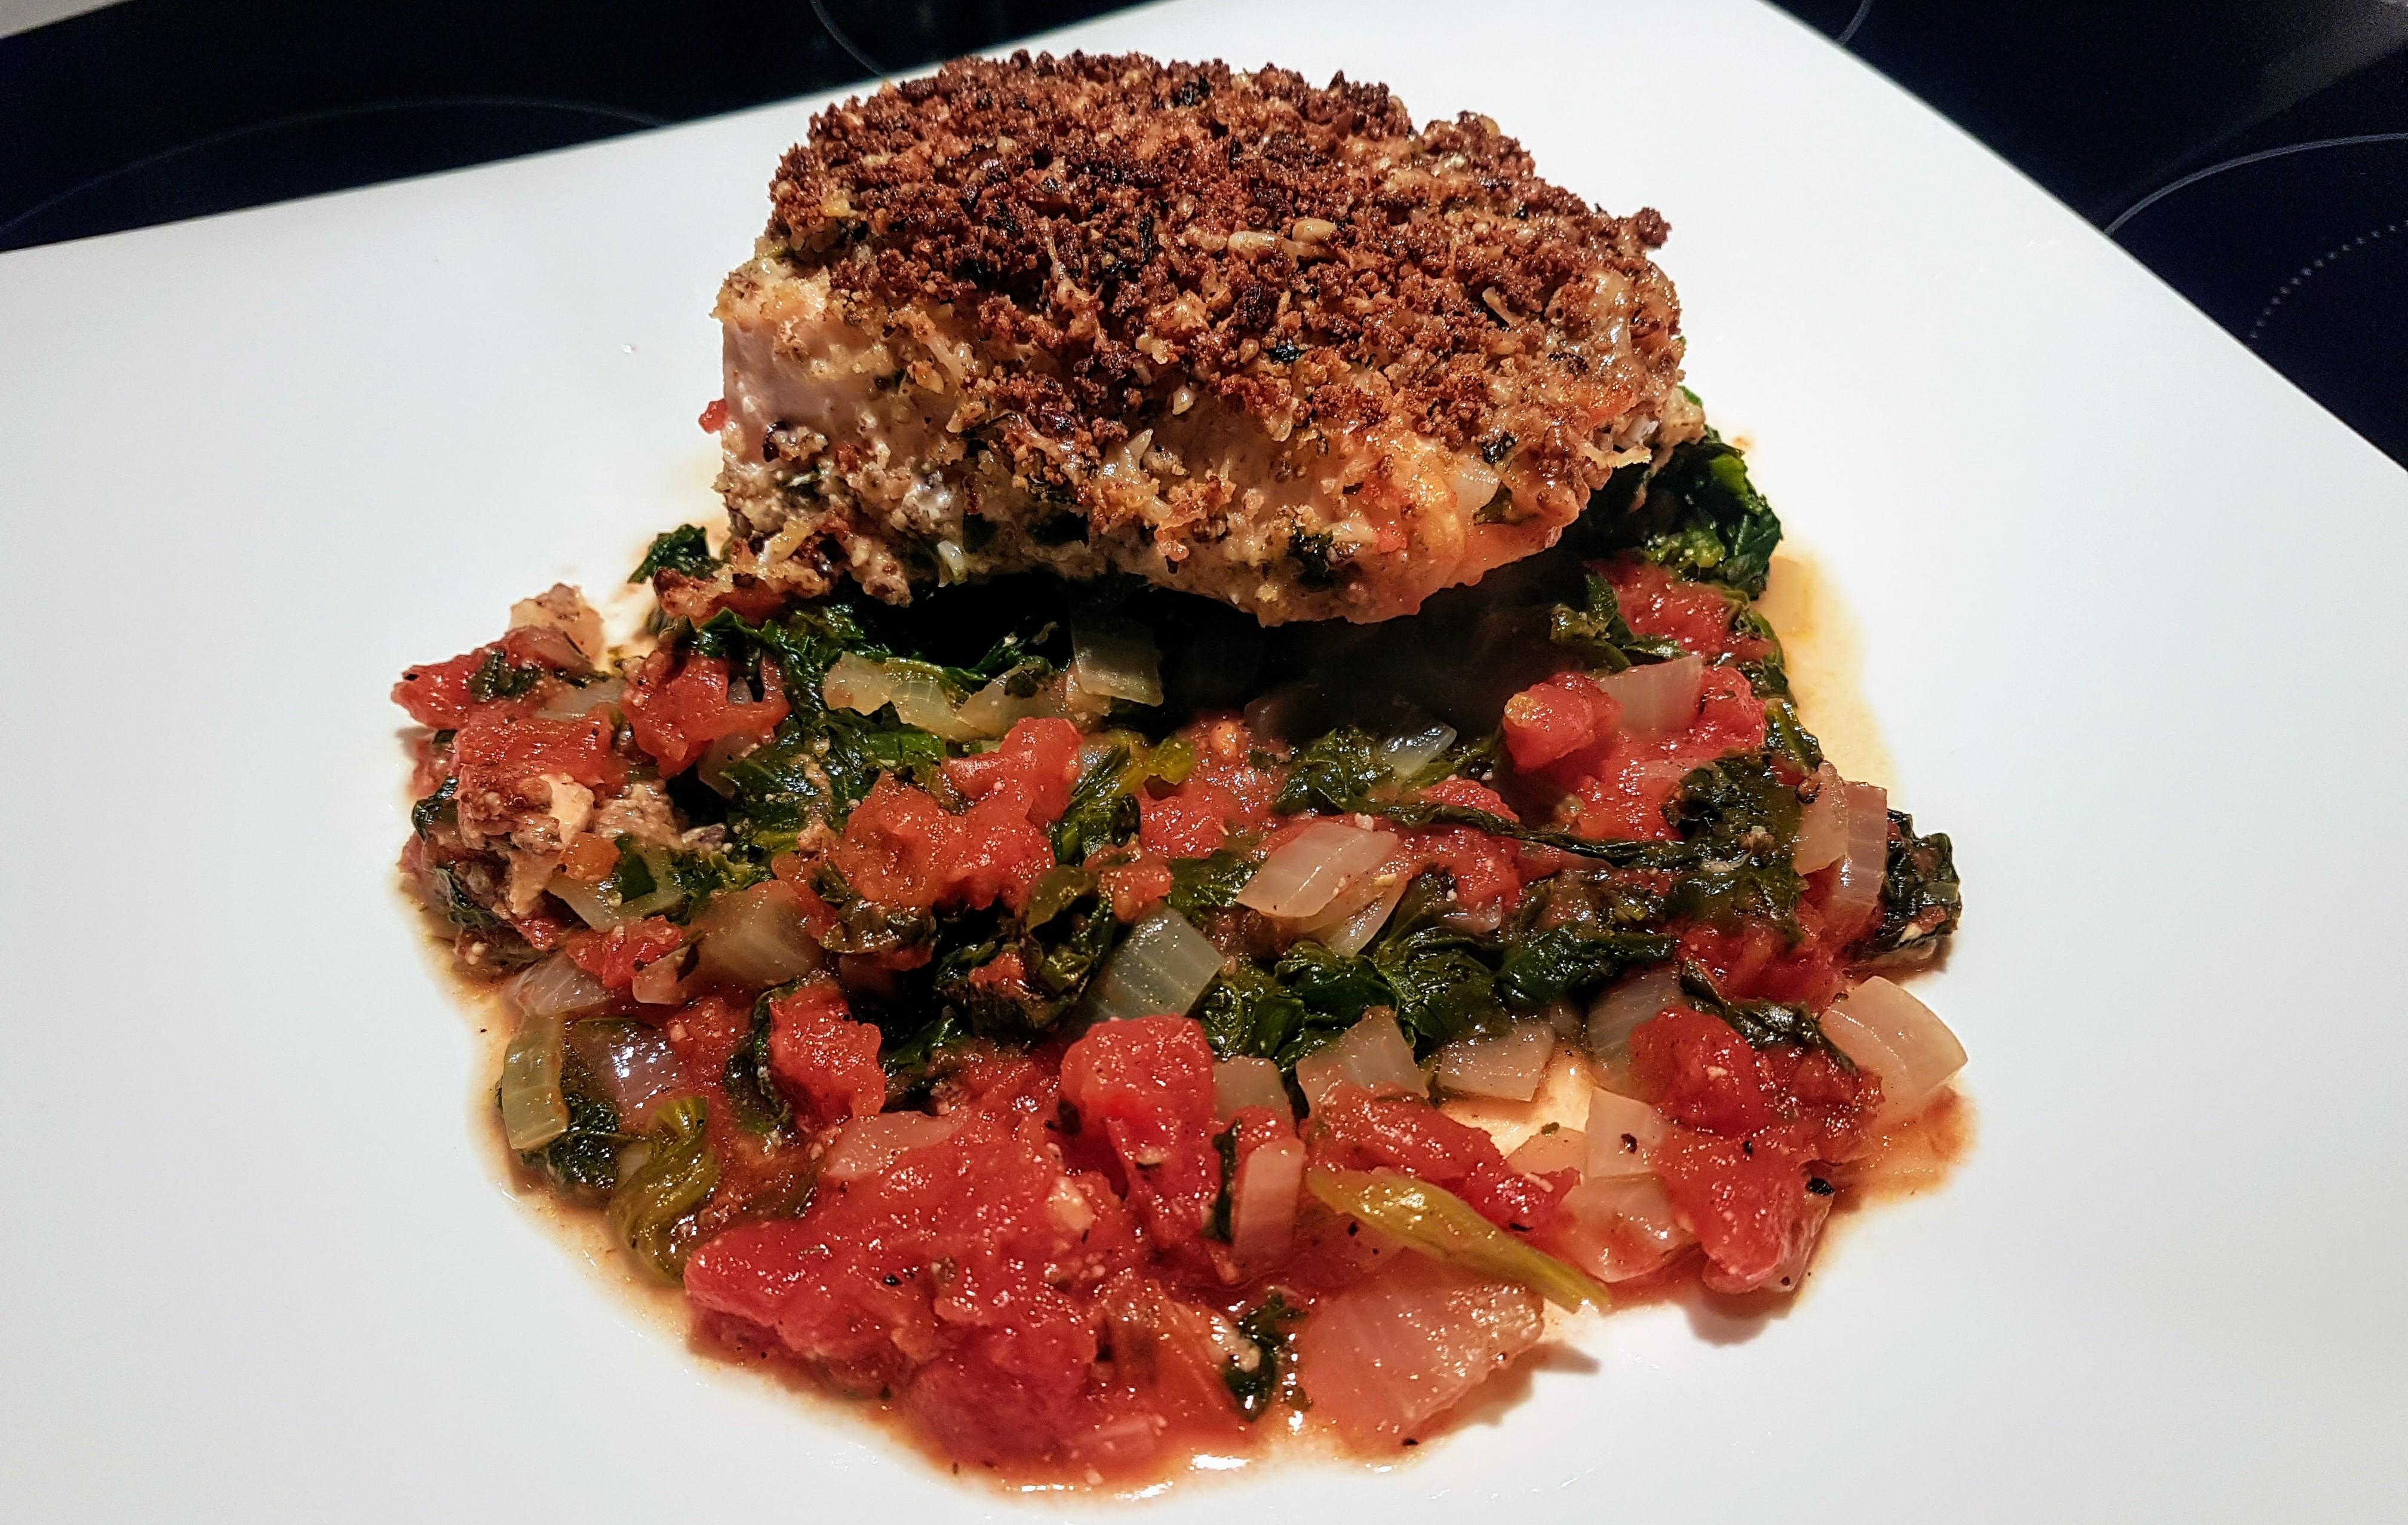 Low Carb Lachsfilet mit Parmesankruste auf Tomaten-Spinat